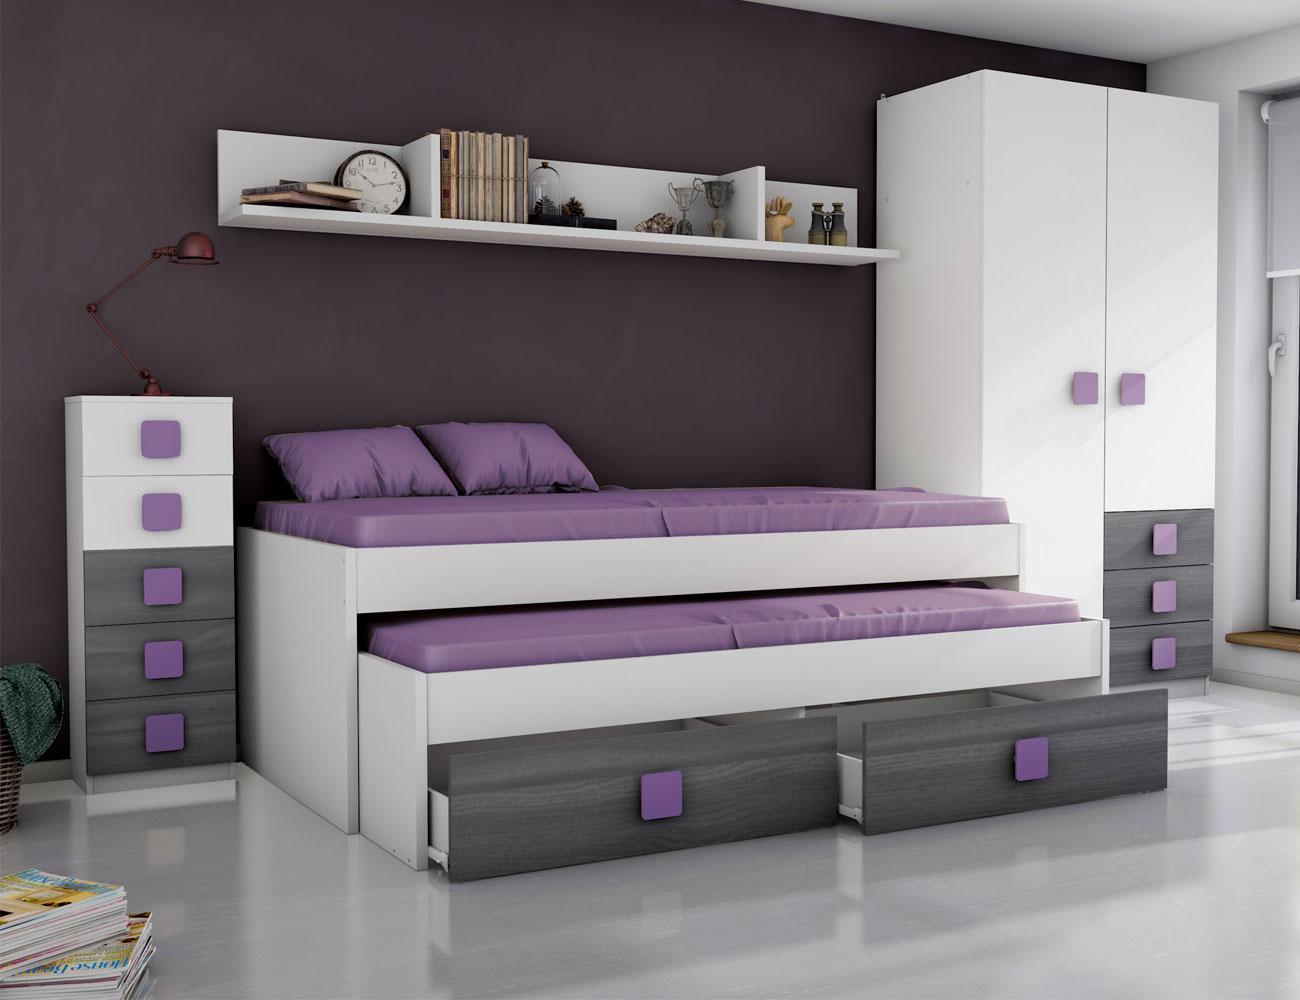 Dormitorios juveniles utrera inspiraci n para el dise o - Muebles en utrera ...